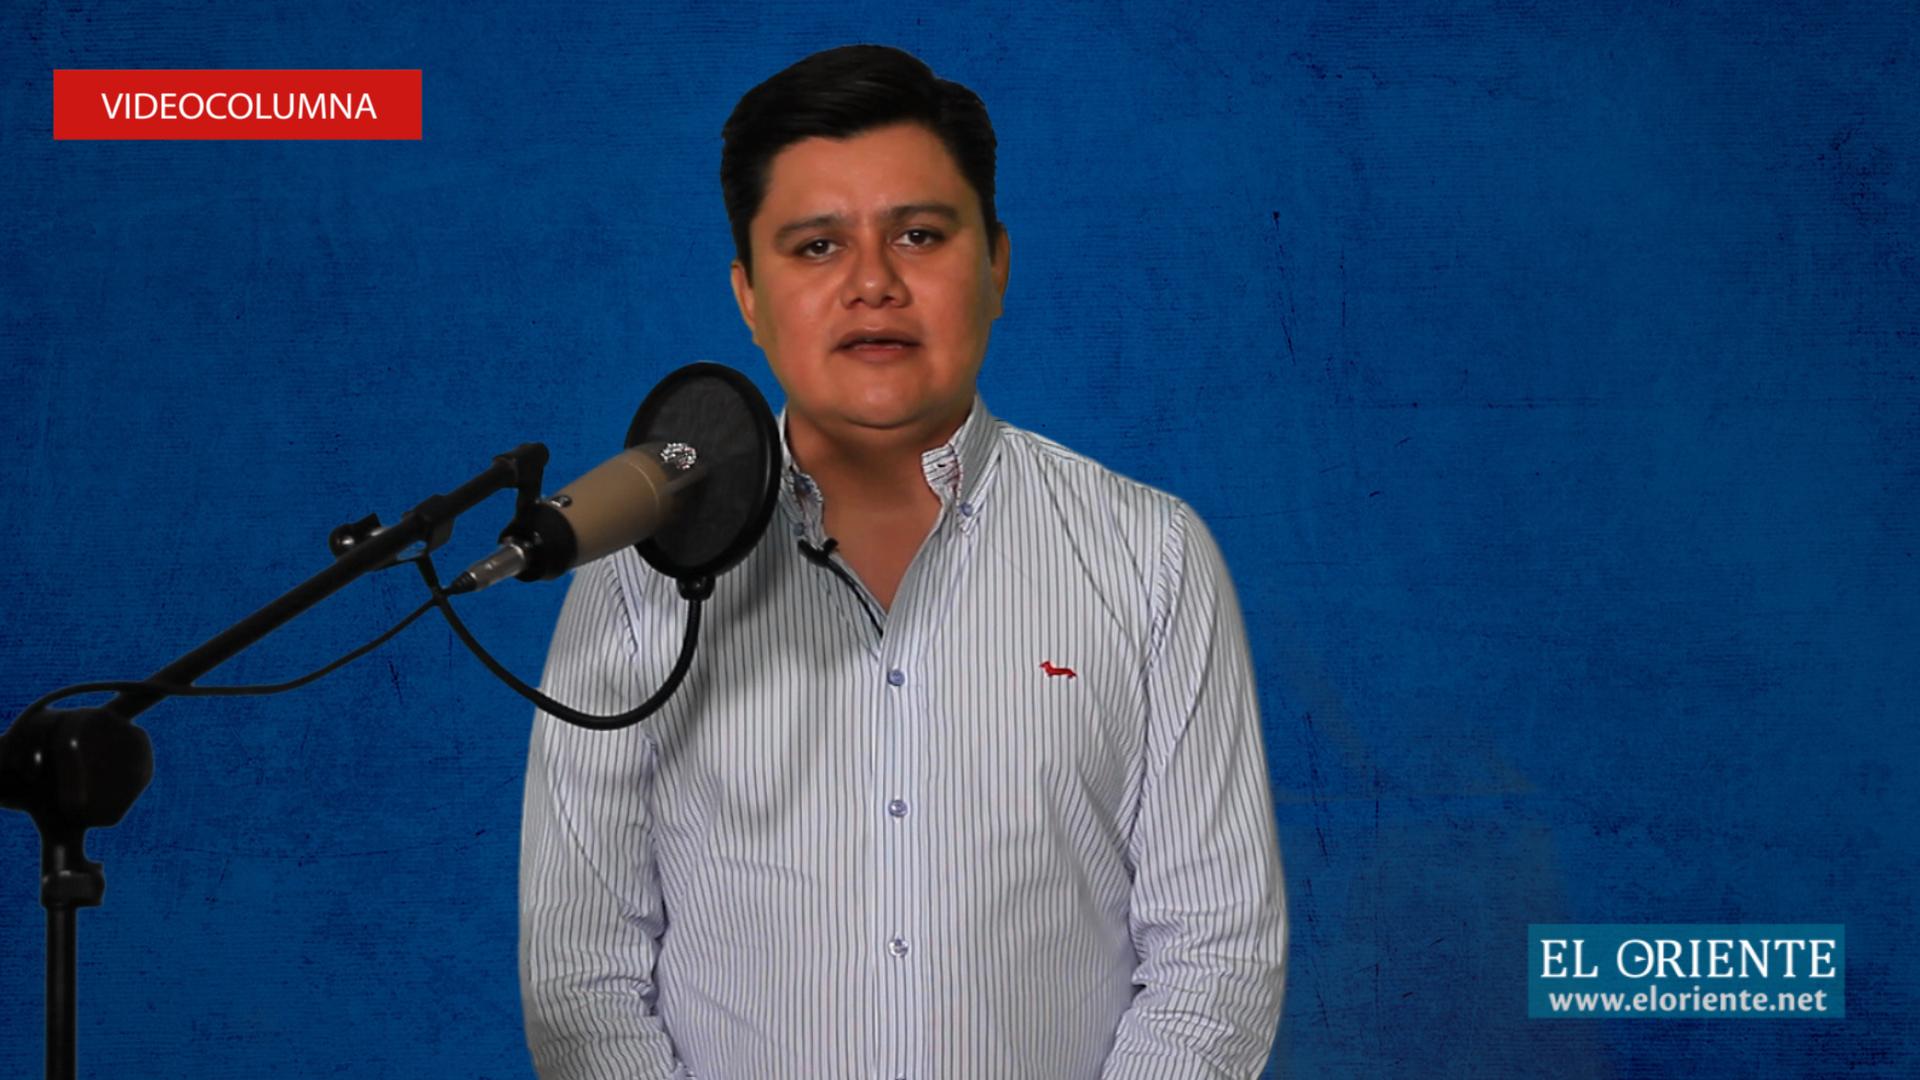 JUAN CARLOS RIVERA 15 DE JUNIO